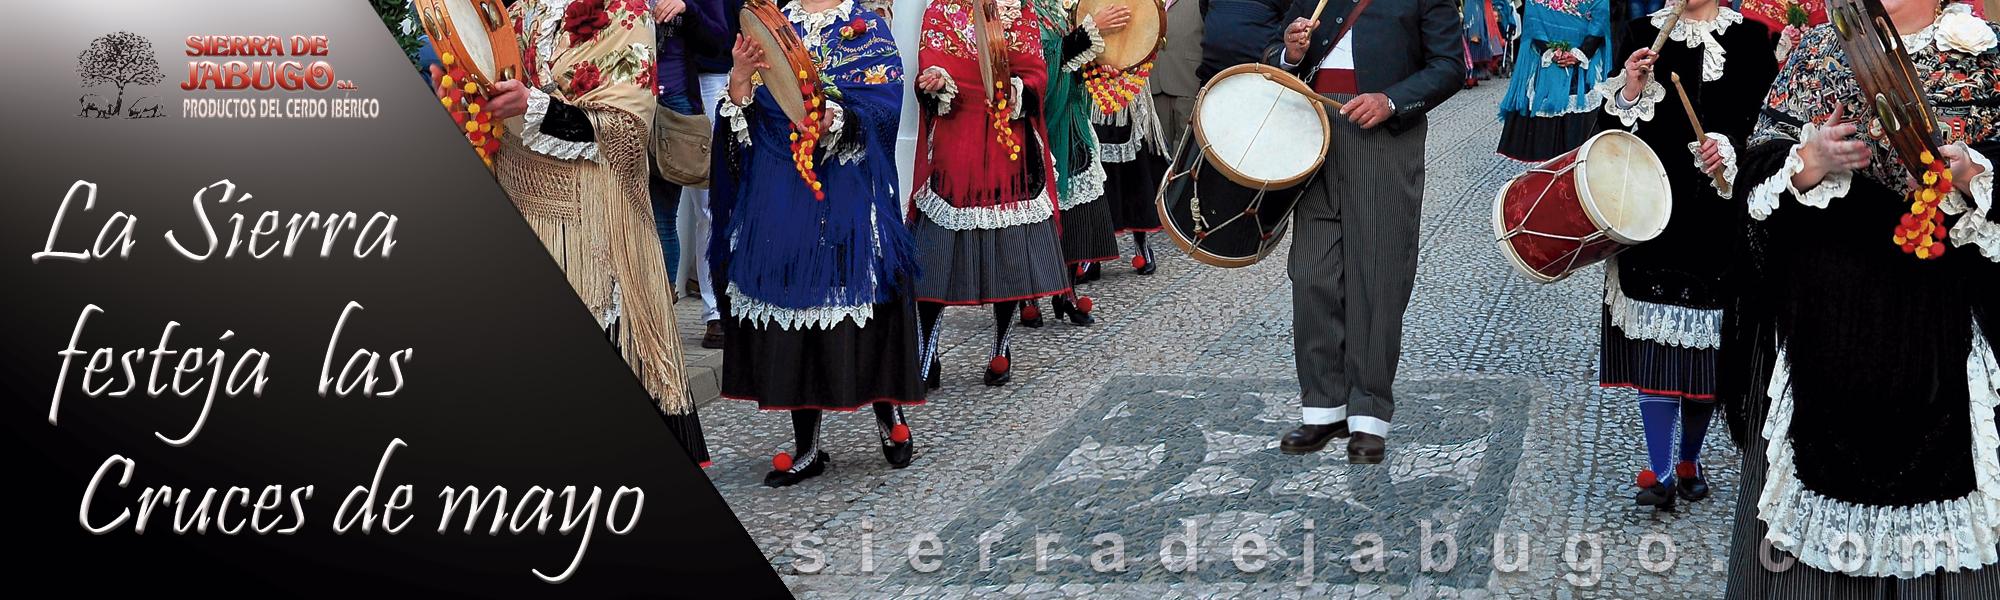 Sierra-cruces-mayo